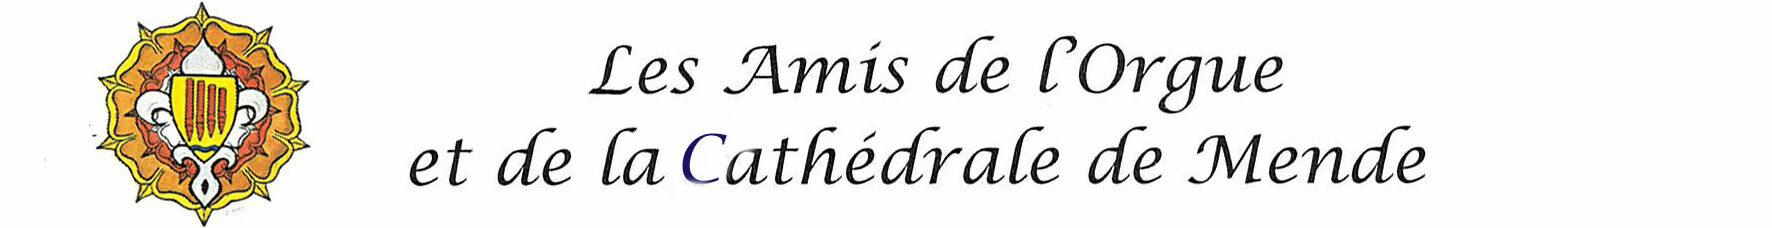 Logo for Les Amis de l'Orgue et de la Cathédrale de Mende